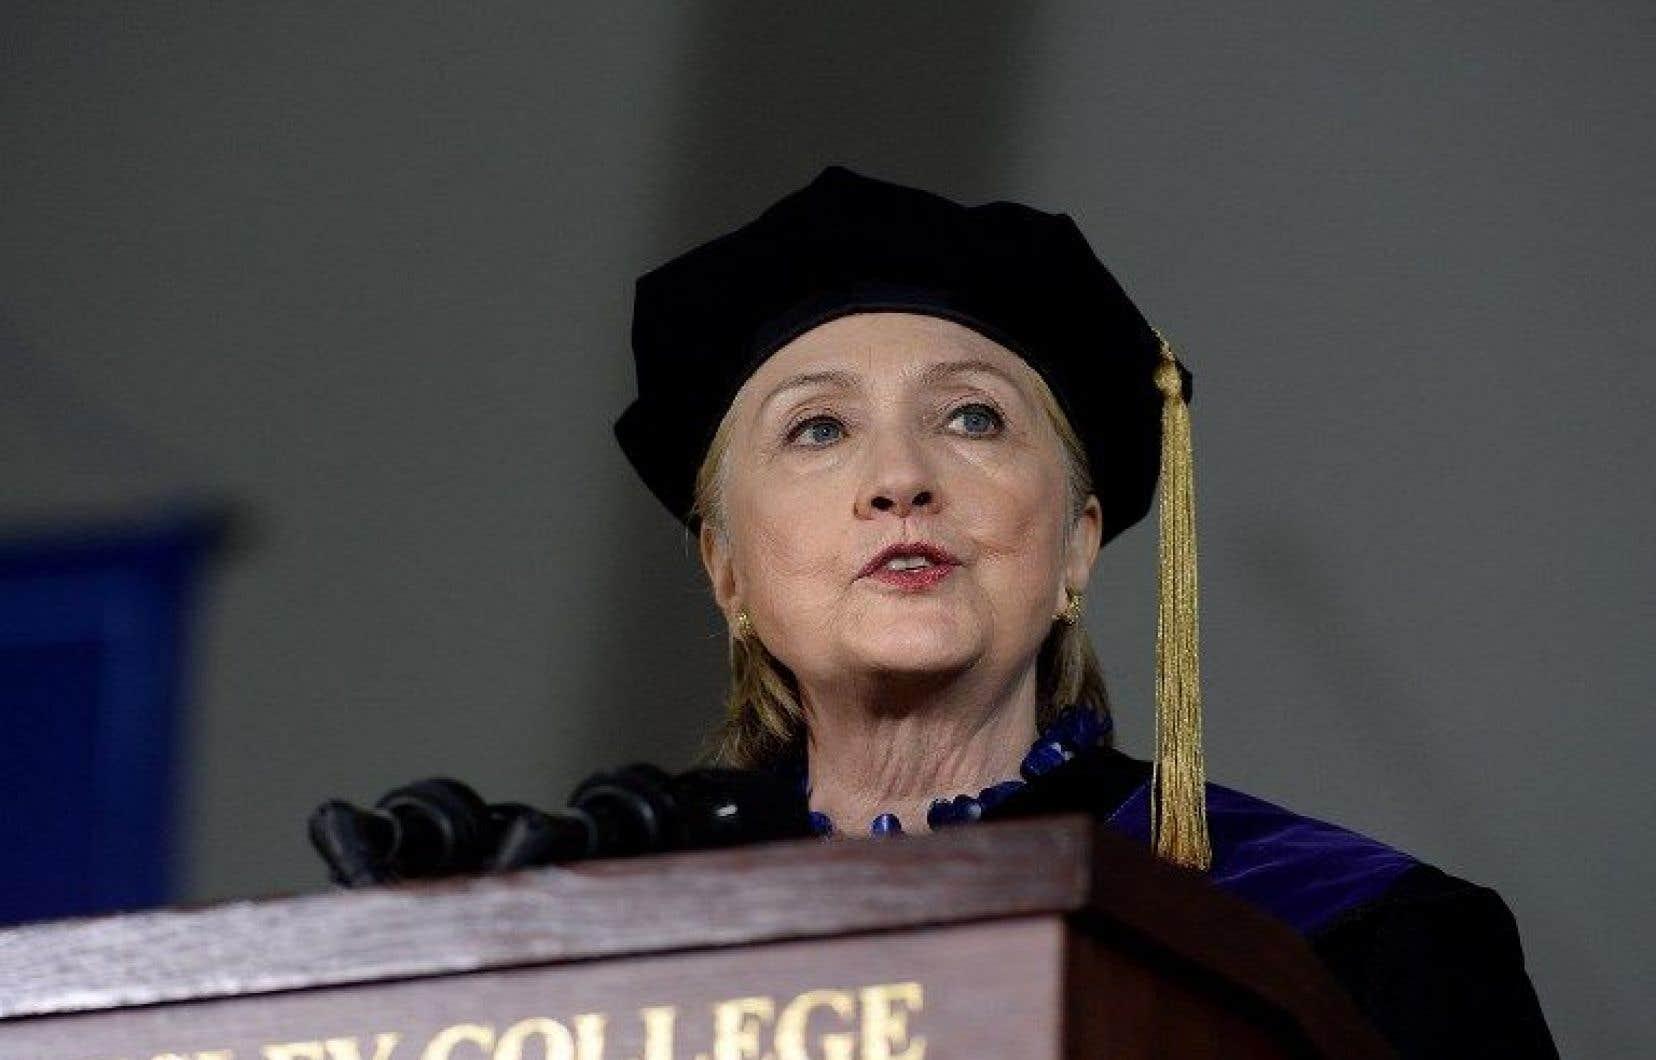 L'ancienne candidate démocrate à la présidence américaine, Hillary Clinton, lors d'un discours devant les diplômés de son ancienne université.